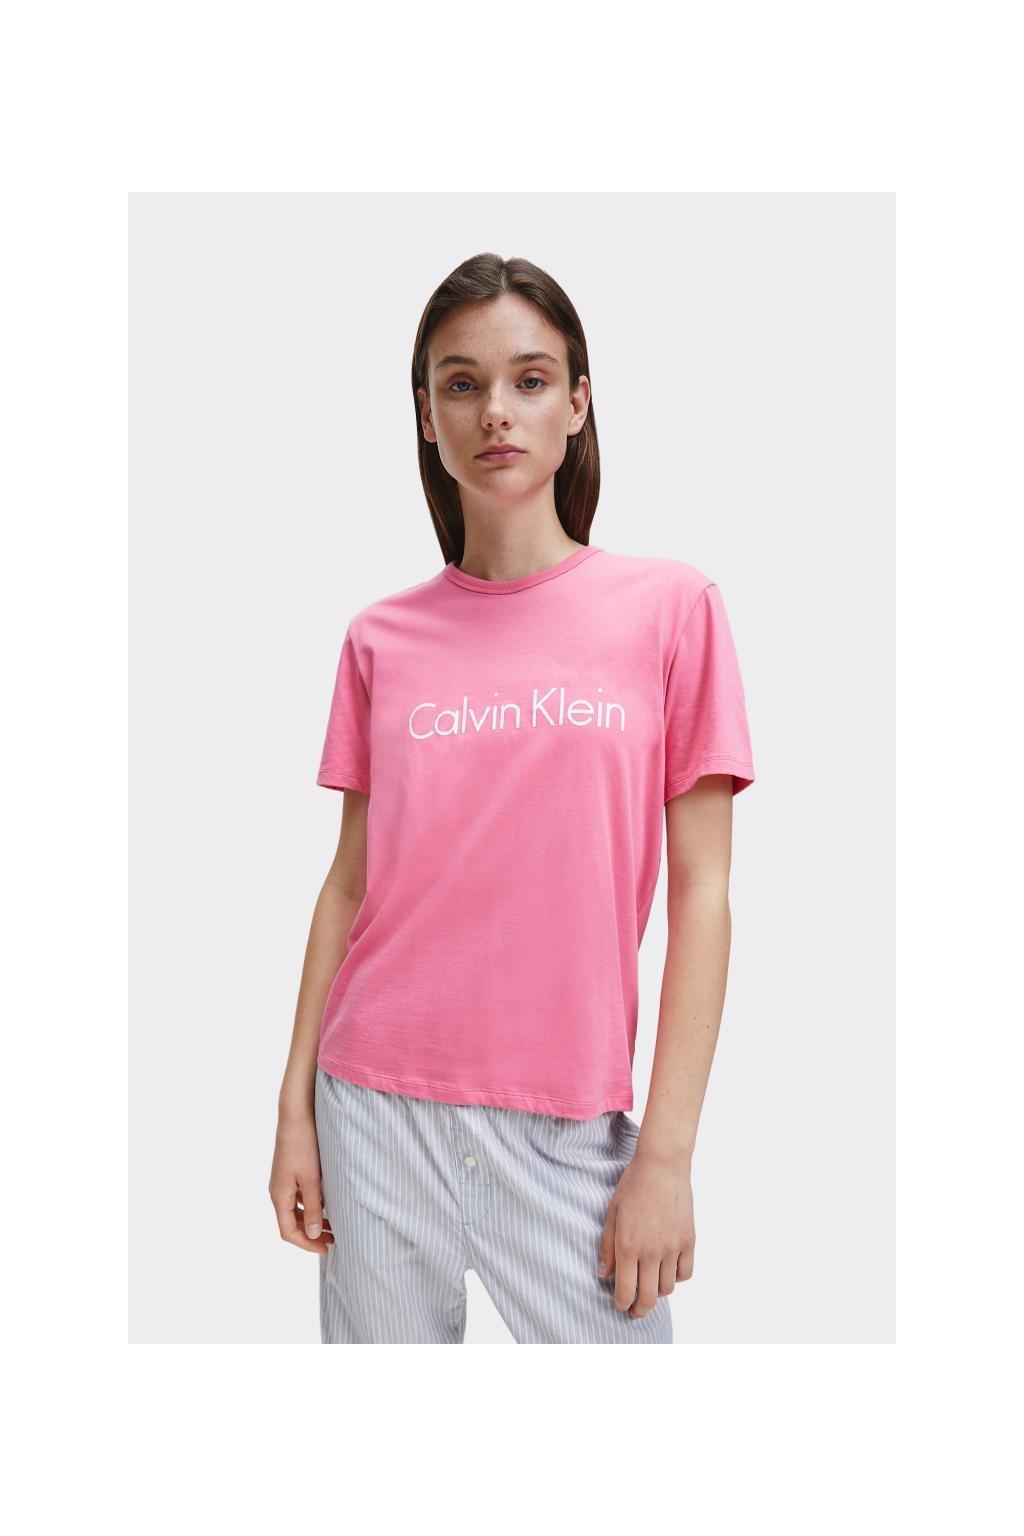 Calvin Klein logo tričko dámské - růžové